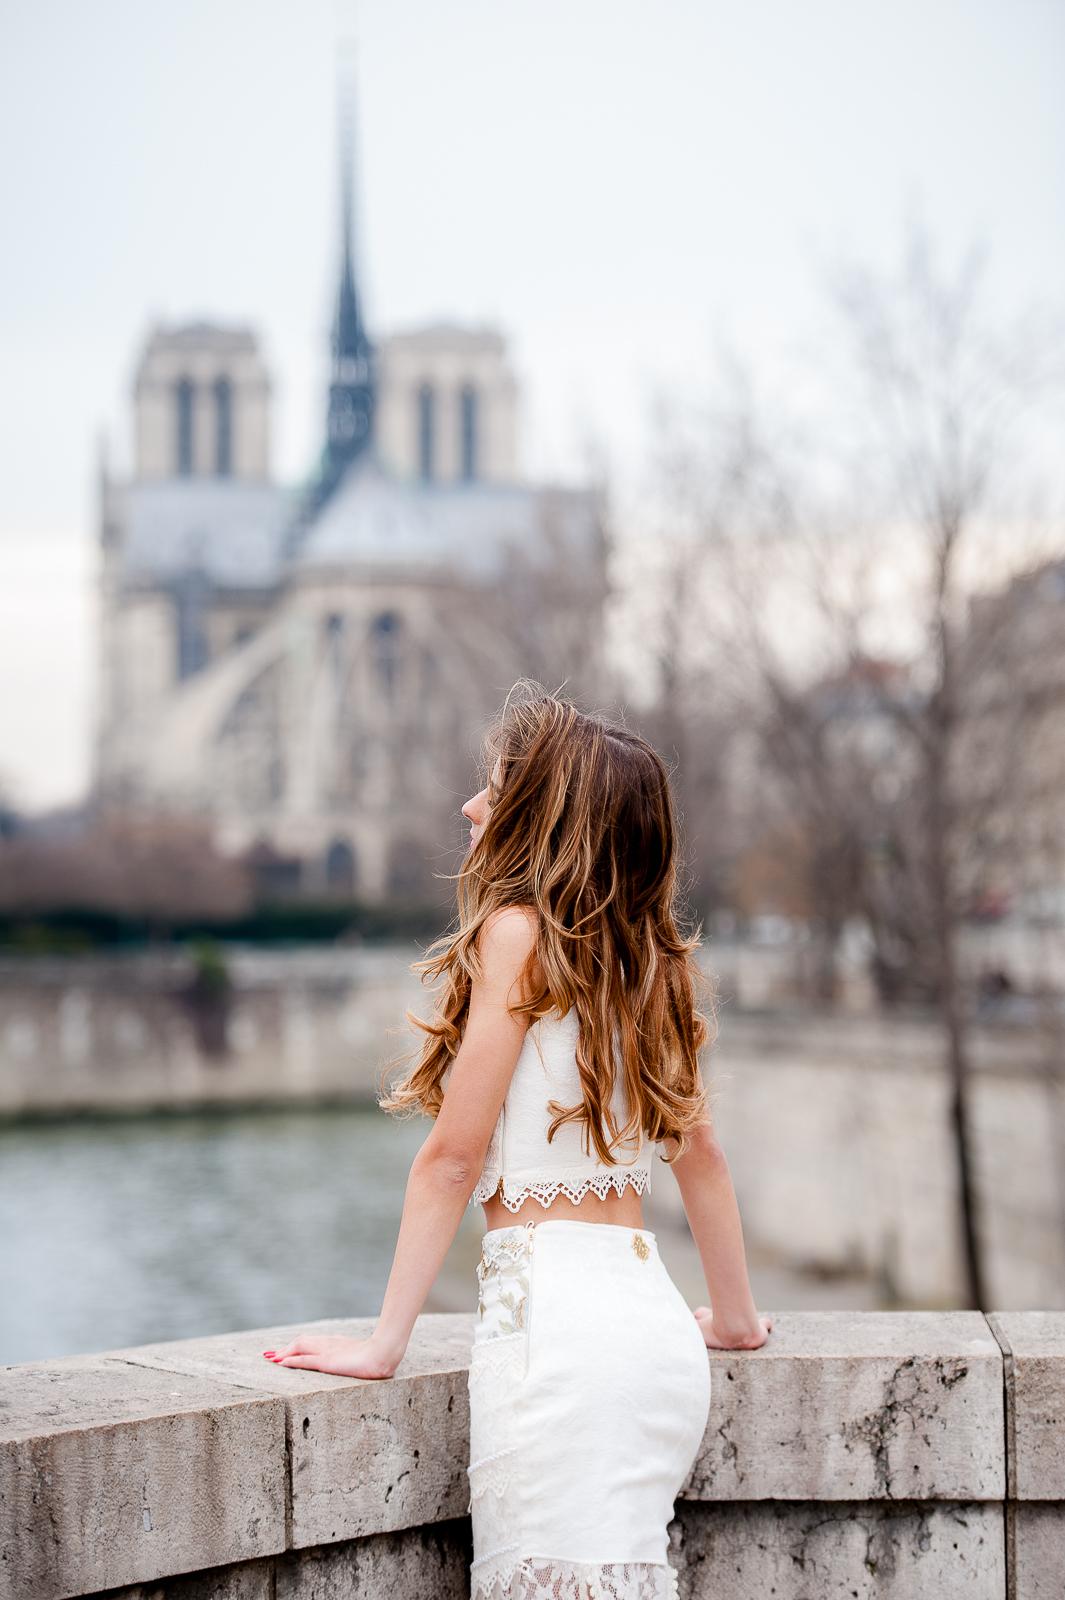 15-anos-carol-em-paris-0269